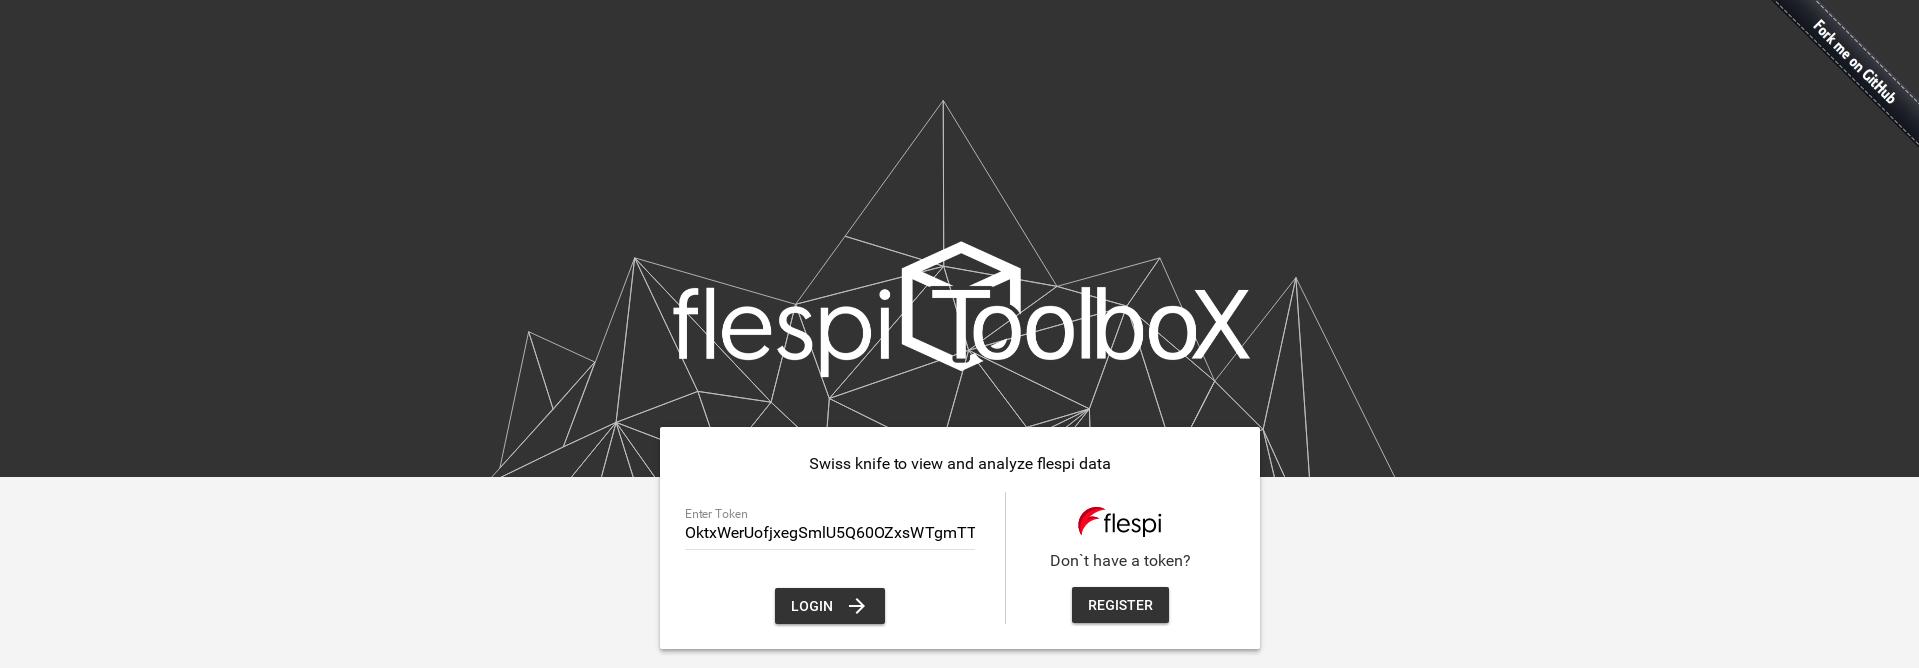 flespi toolbox login screen